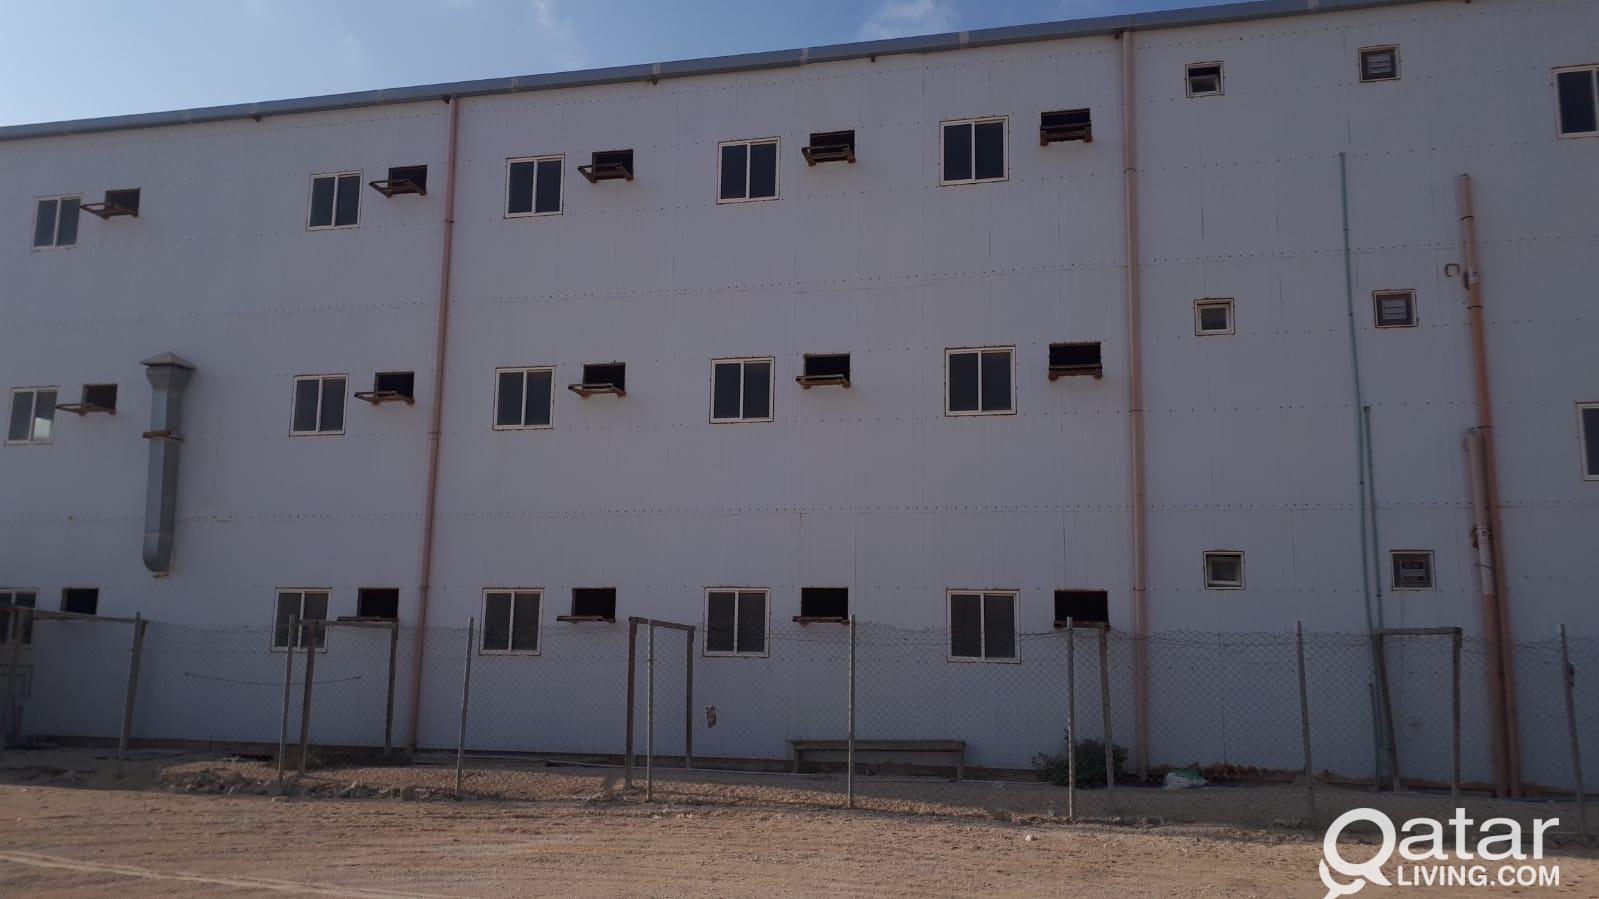 58 ROOMS CAMP AT AL SHAMAL / RUWAIS SHORT TERM OR